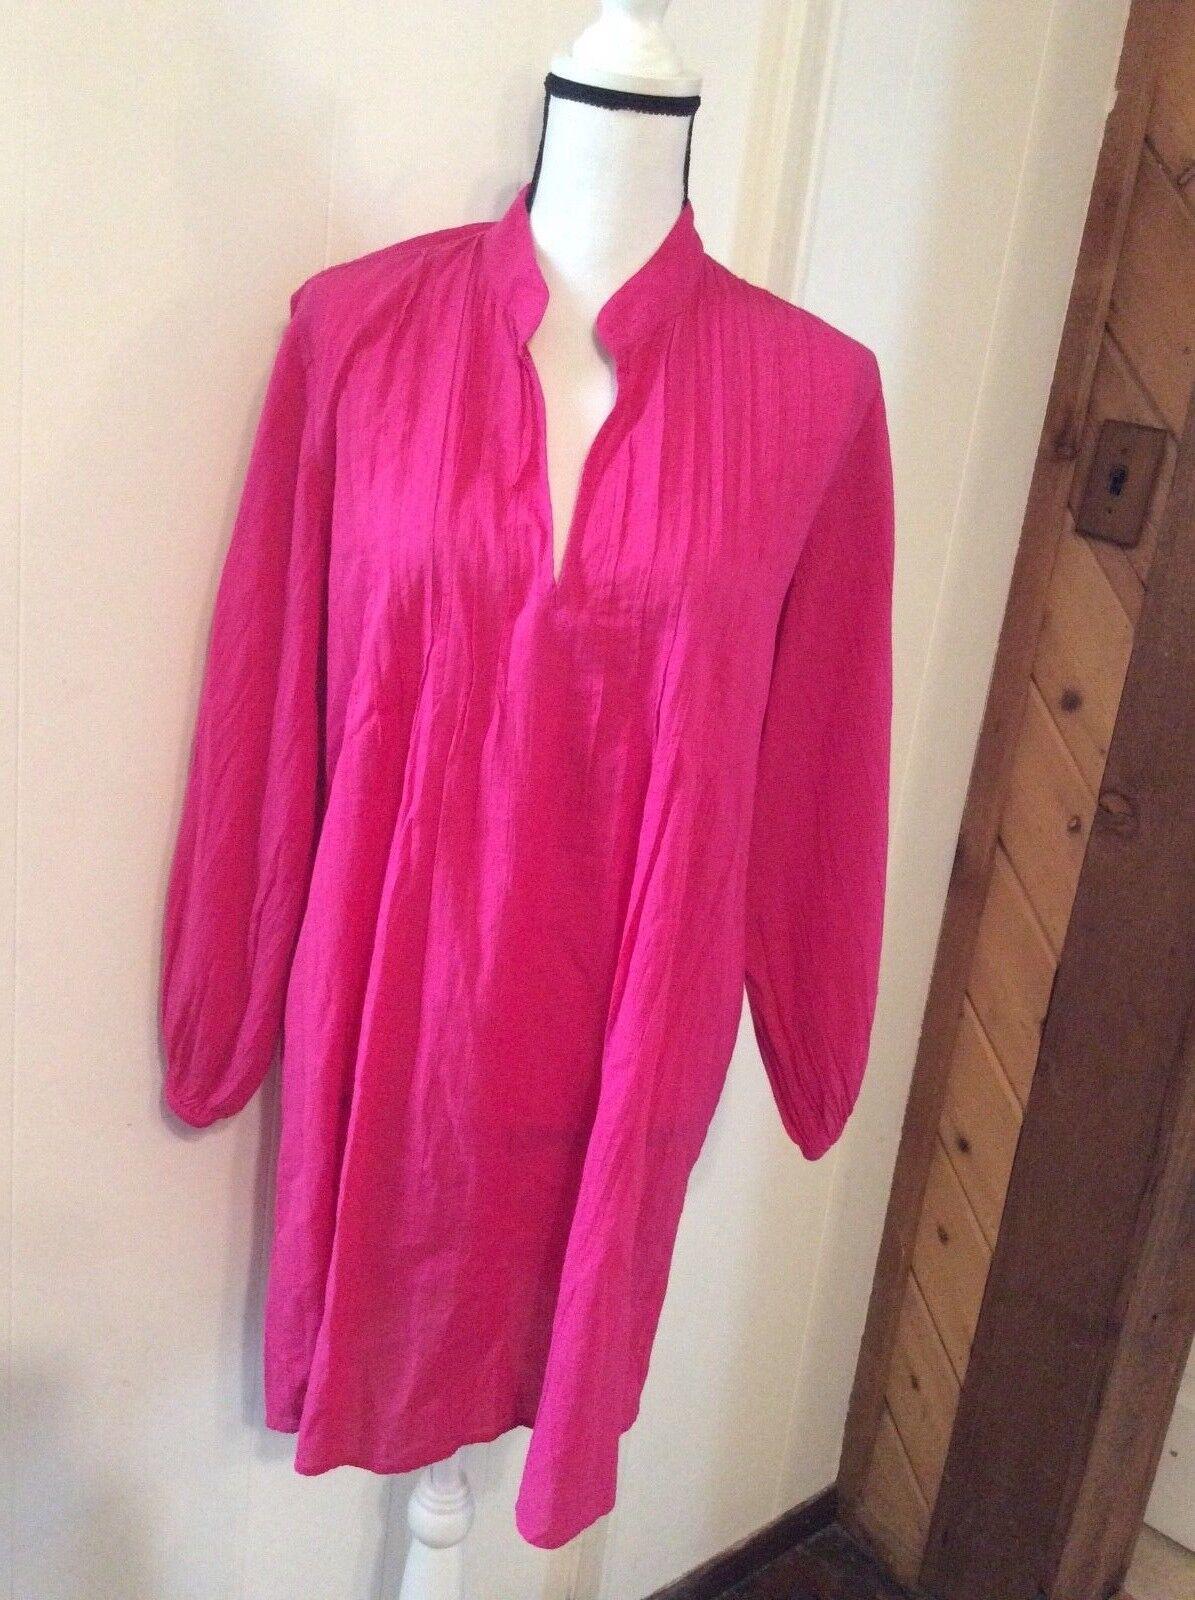 LAUREN Ralph Lauren Fuchsia Pink Lightweight Cotton Cover up DRESS Pull on M